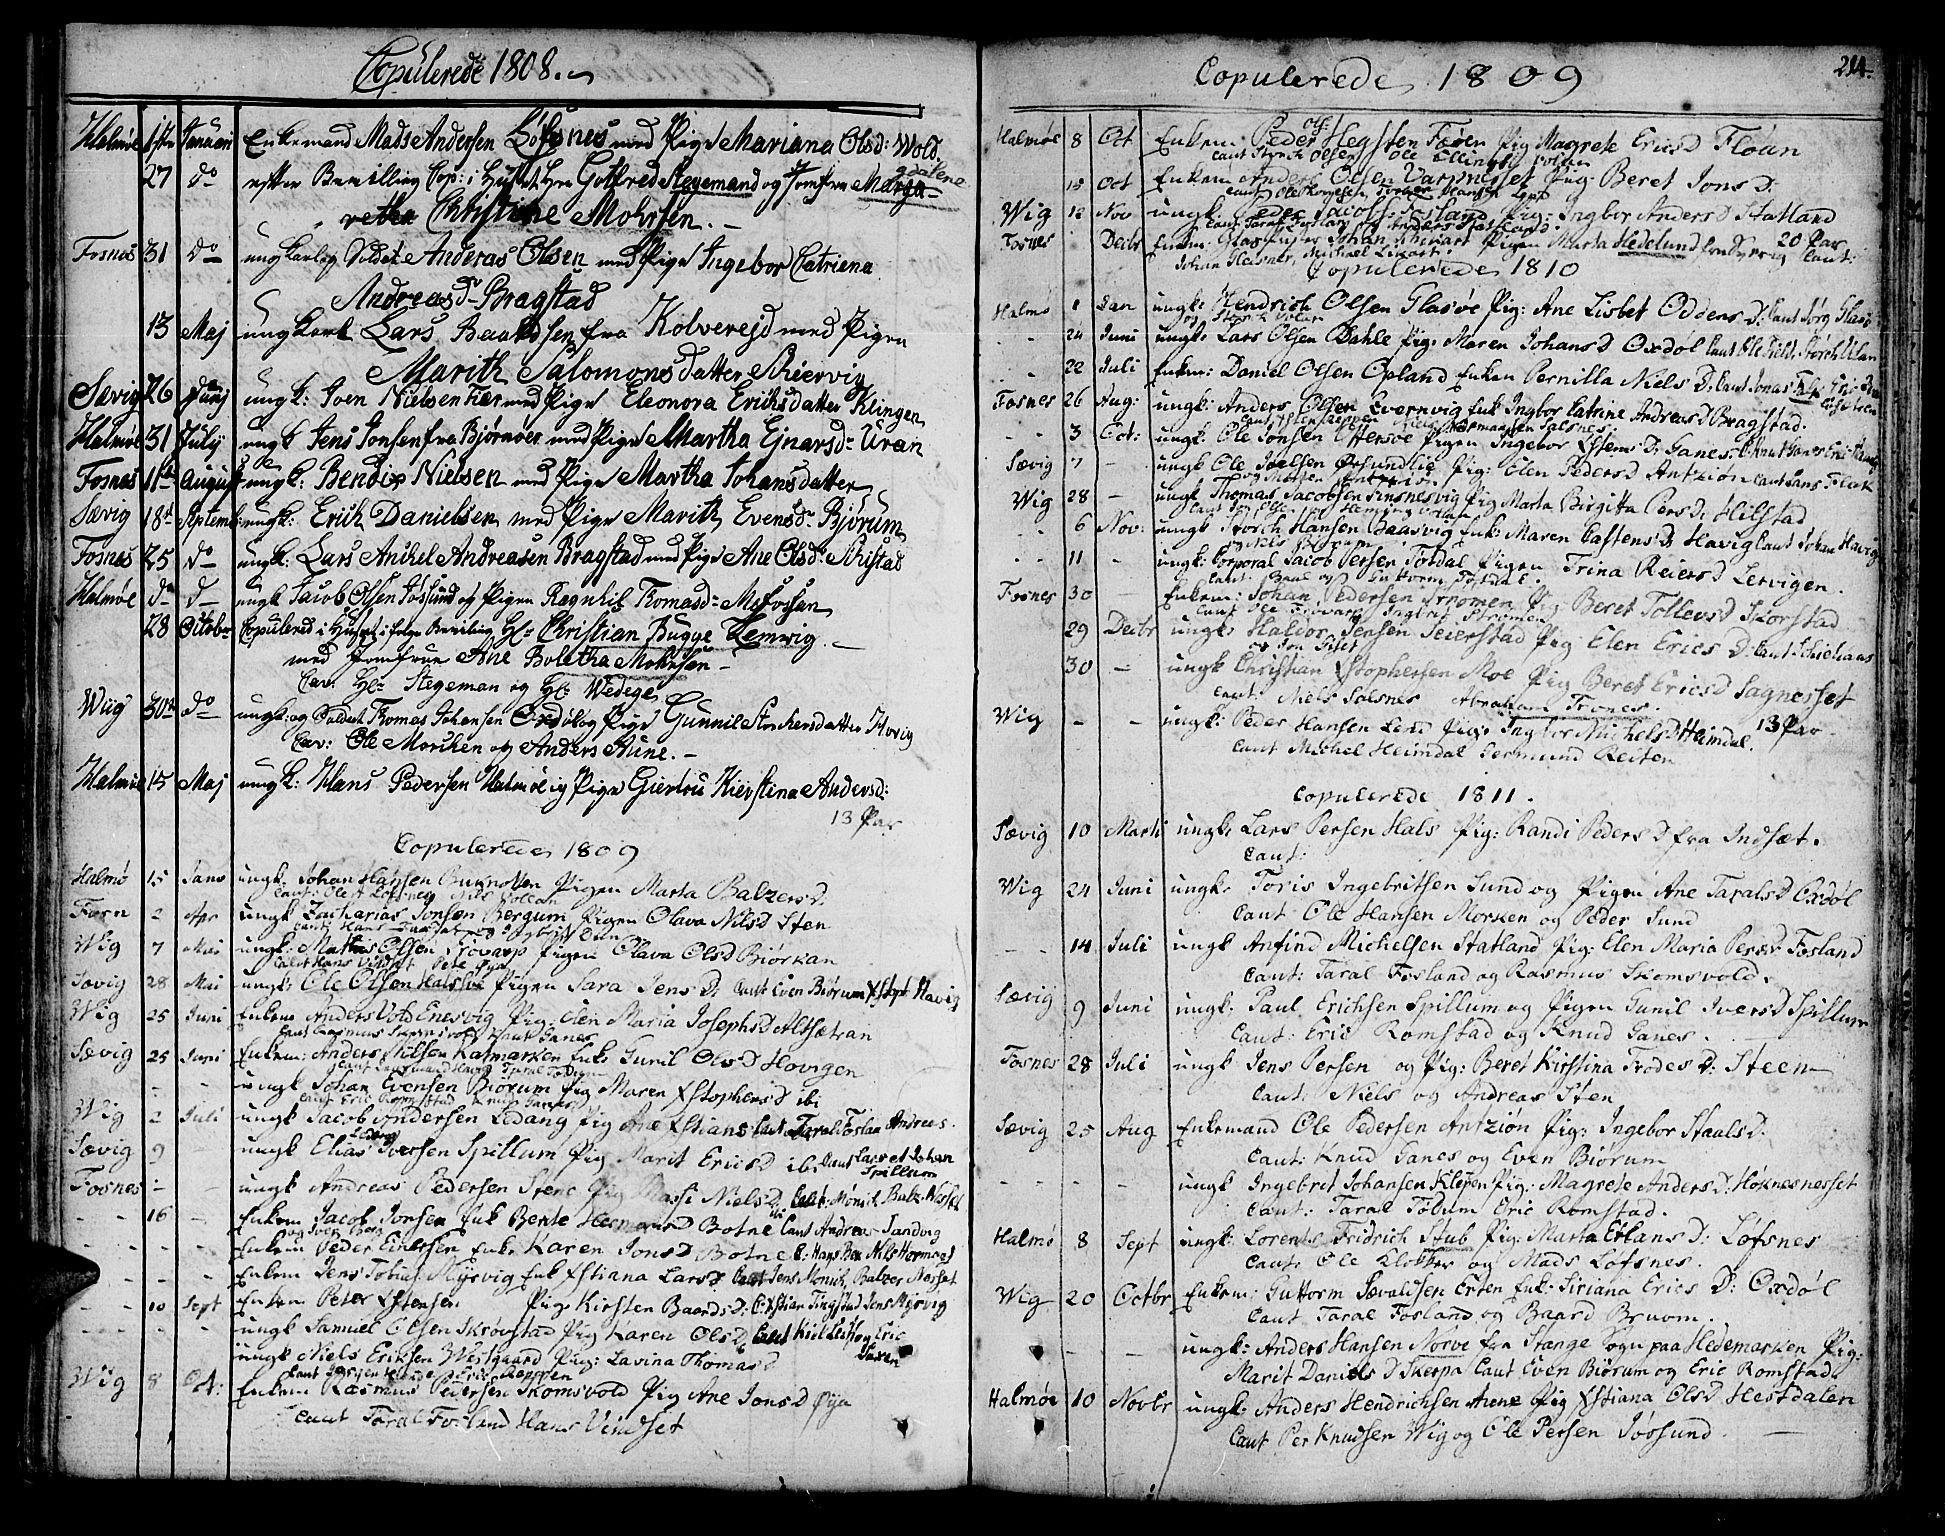 SAT, Ministerialprotokoller, klokkerbøker og fødselsregistre - Nord-Trøndelag, 773/L0608: Ministerialbok nr. 773A02, 1784-1816, s. 214